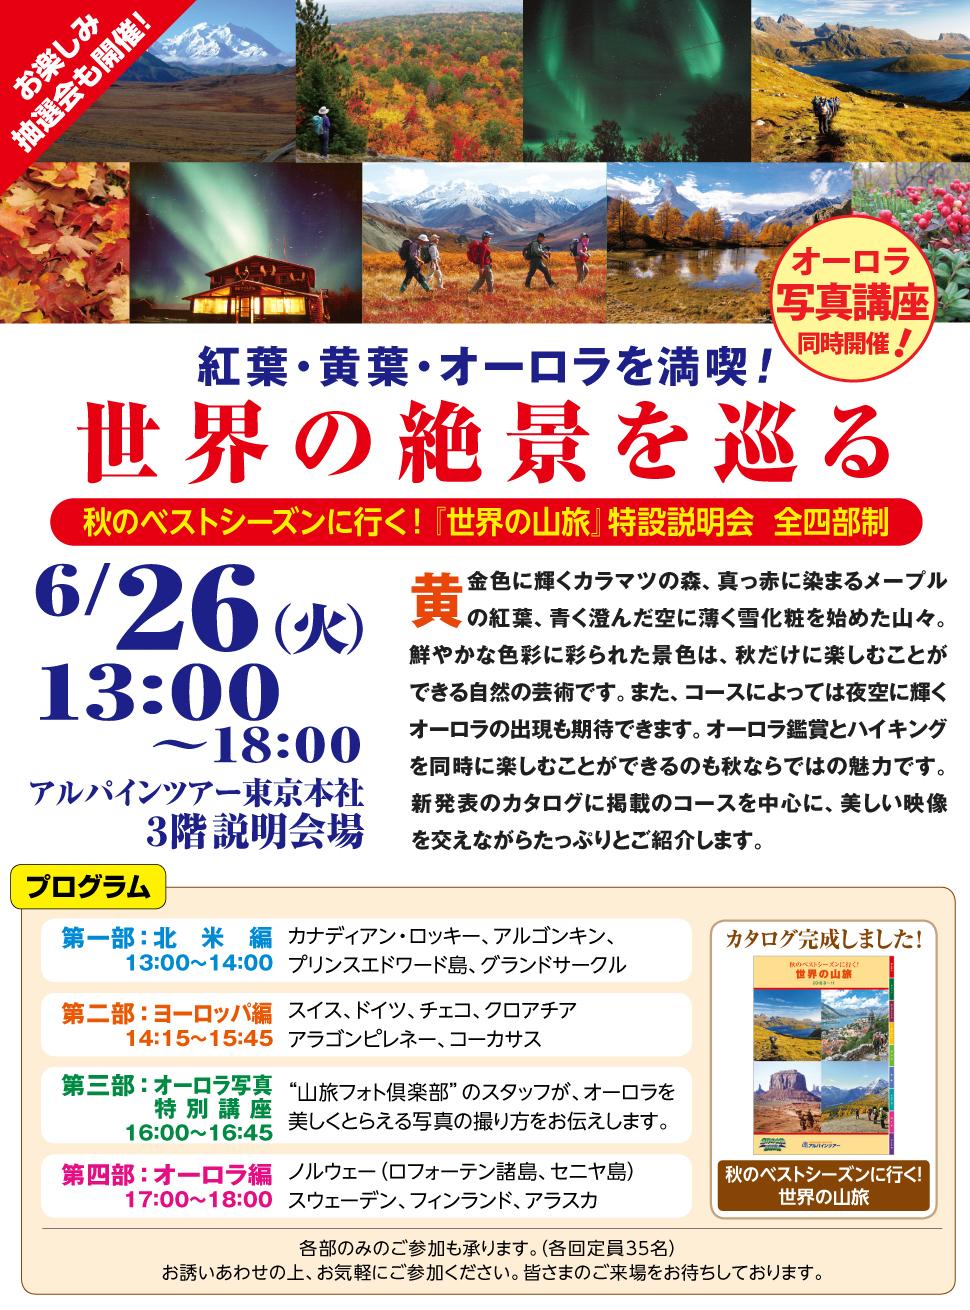 【東京】世界の絶景を巡る ~紅葉・黄葉・オーロラを満喫!~